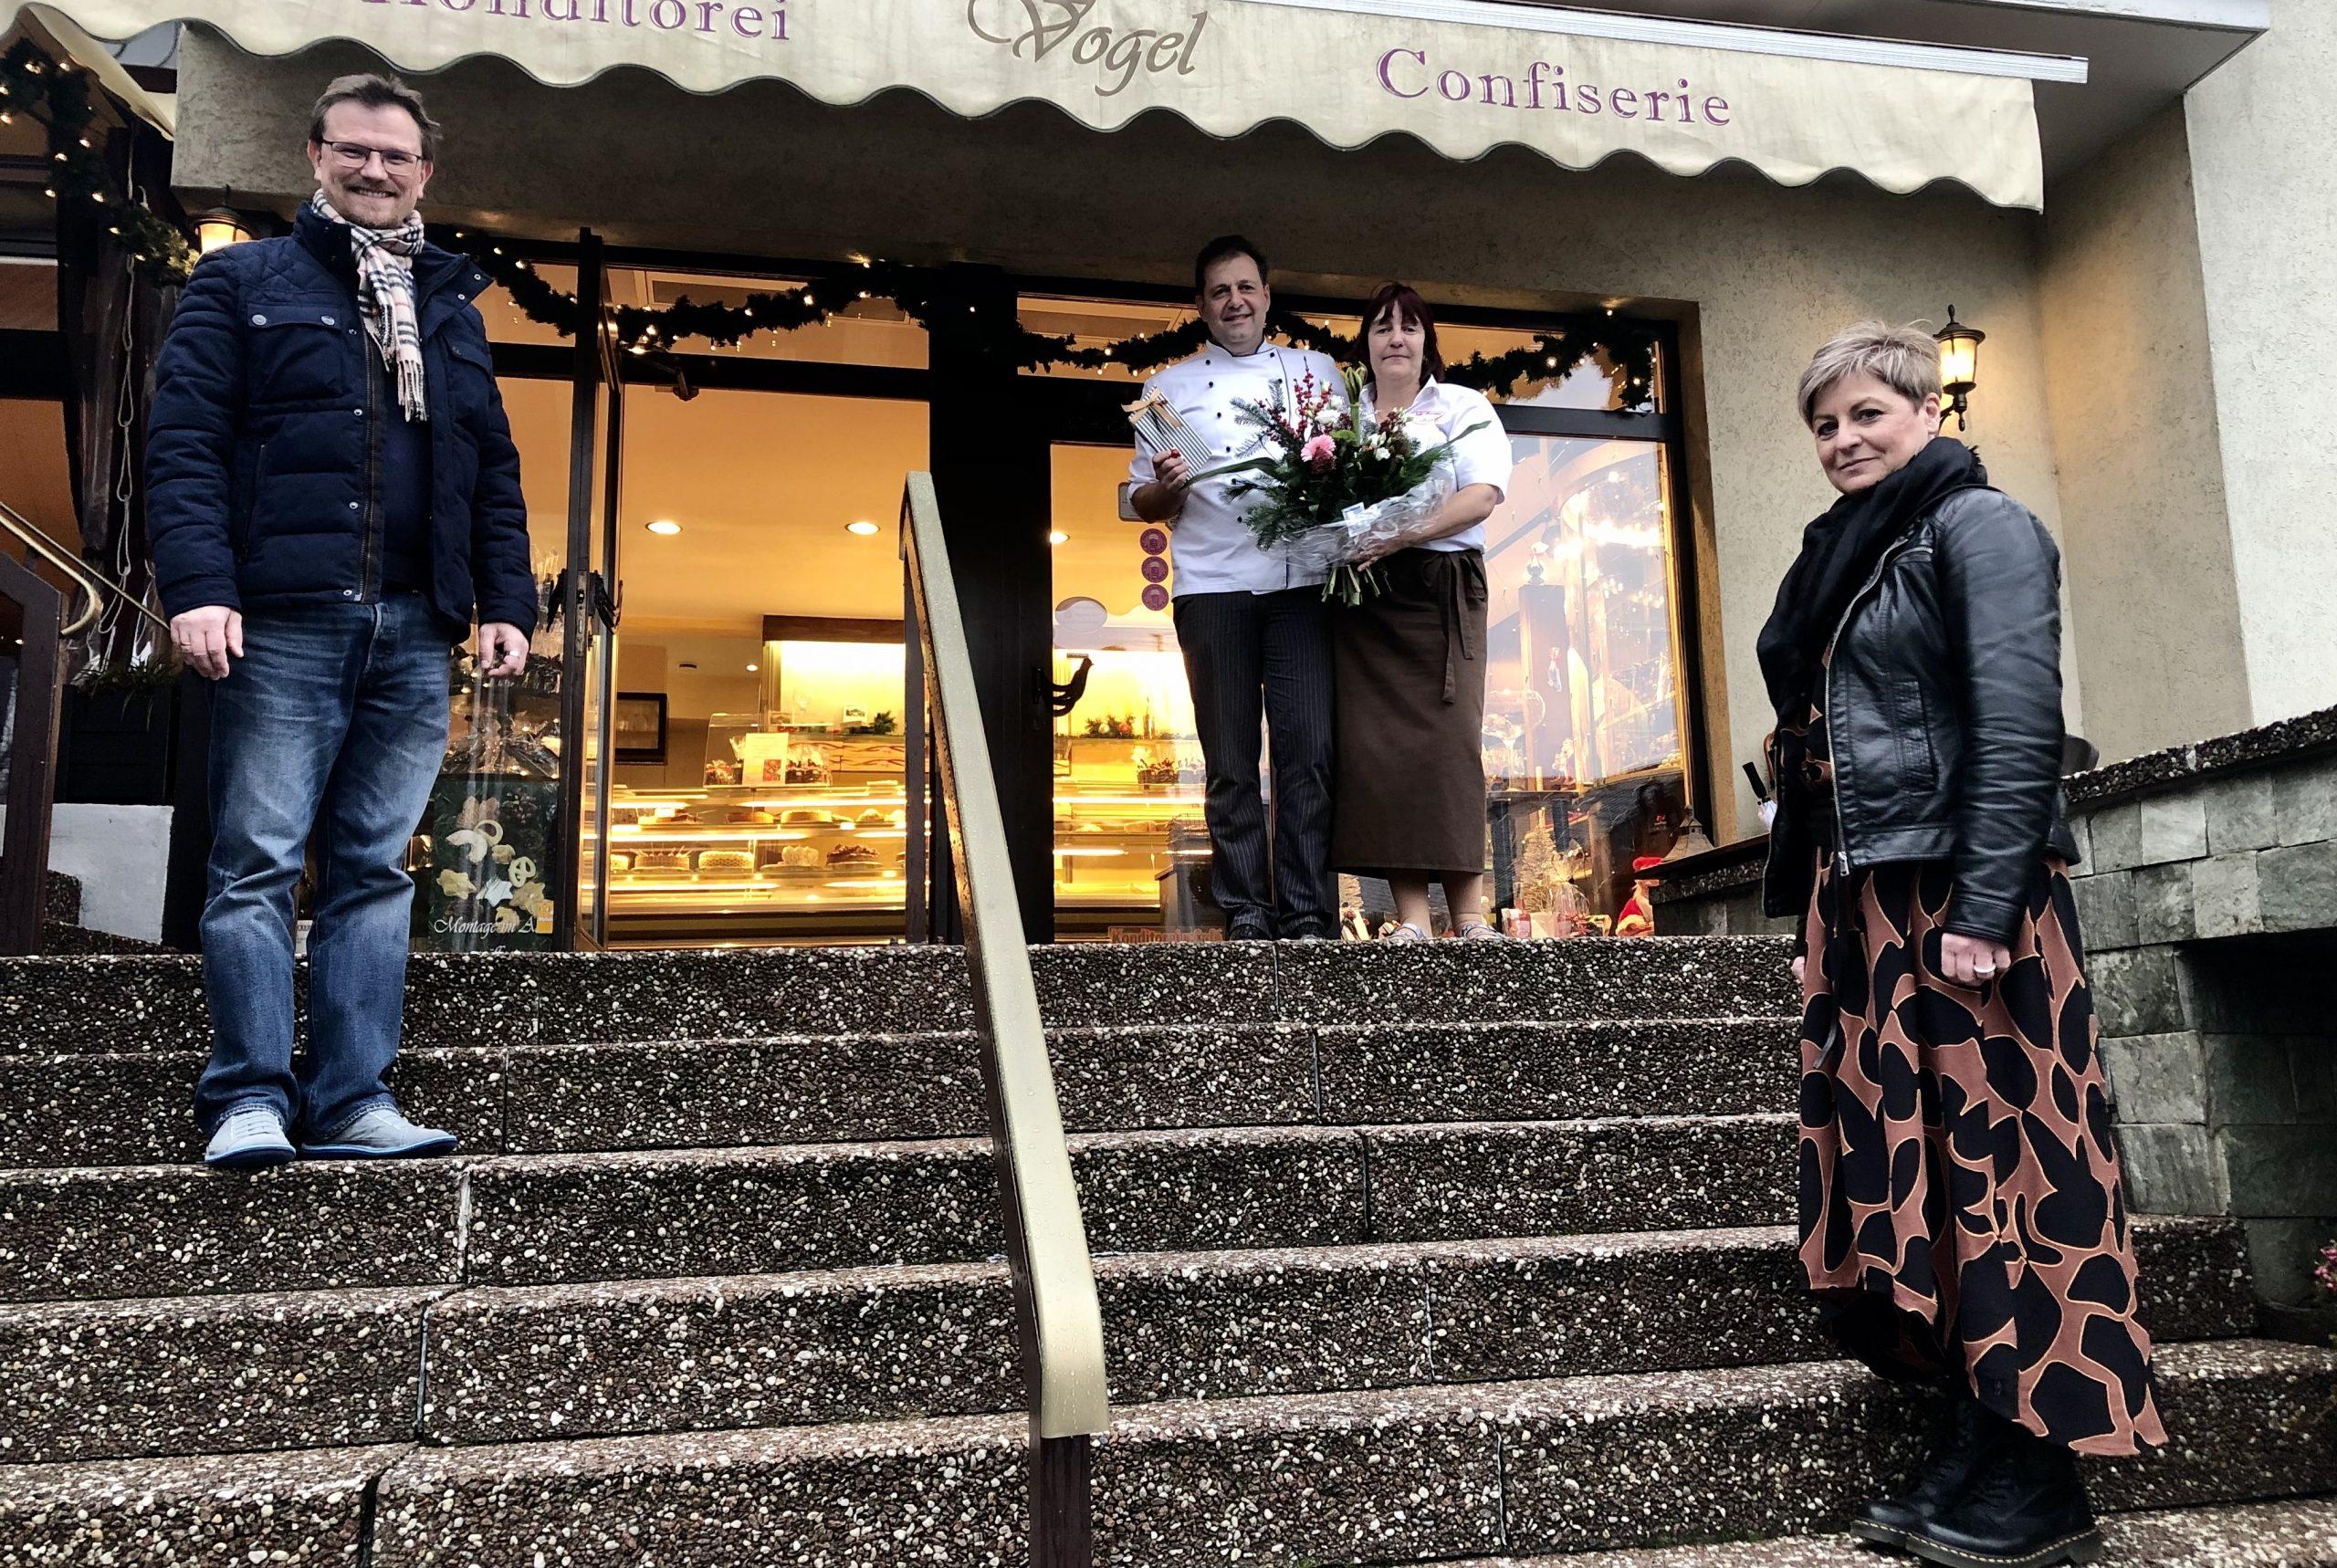 Philipp Borchardt und Regina Andermann gratulieren der Familie Vogel zum 50jährigen Jubiläum.